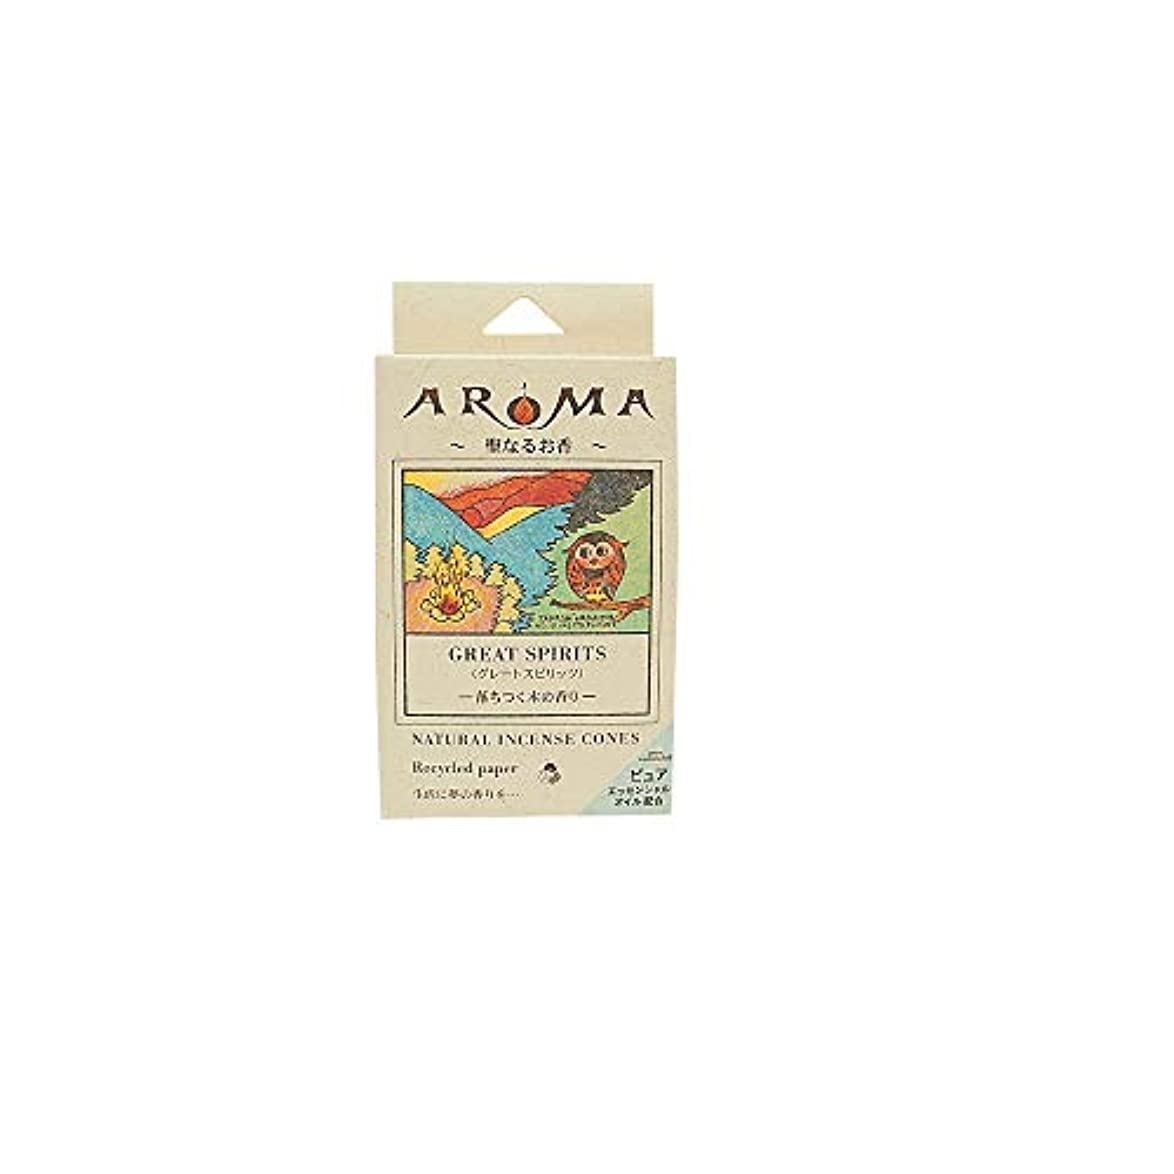 強化最近祈りアロマ香 グレートスピリット 16粒(コーンタイプインセンス 1粒の燃焼時間約20分 落ち着く木の香り)